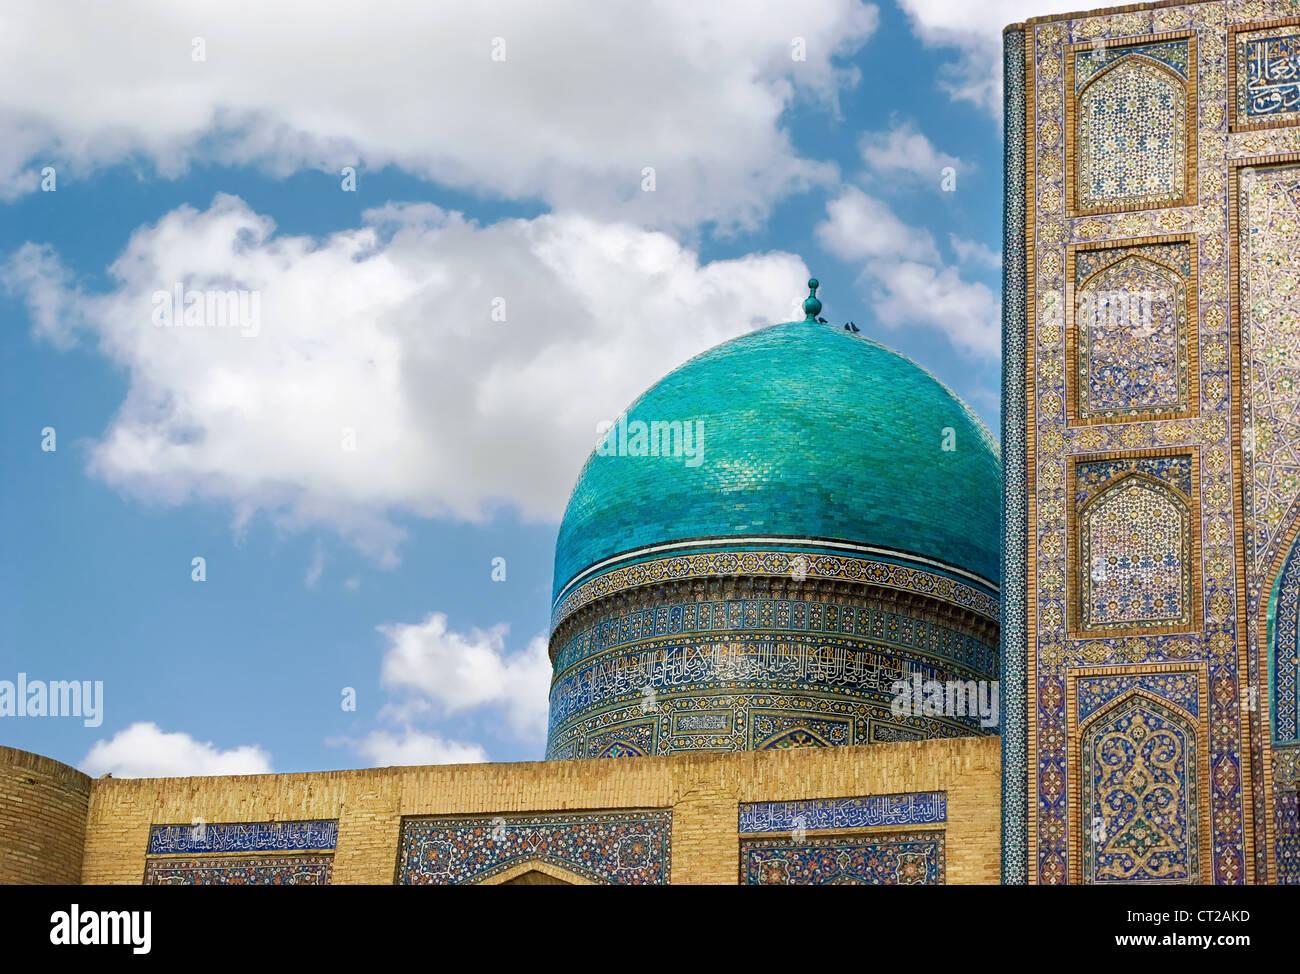 Dettaglio della tradizionale architettura di Uzbekistan Immagini Stock